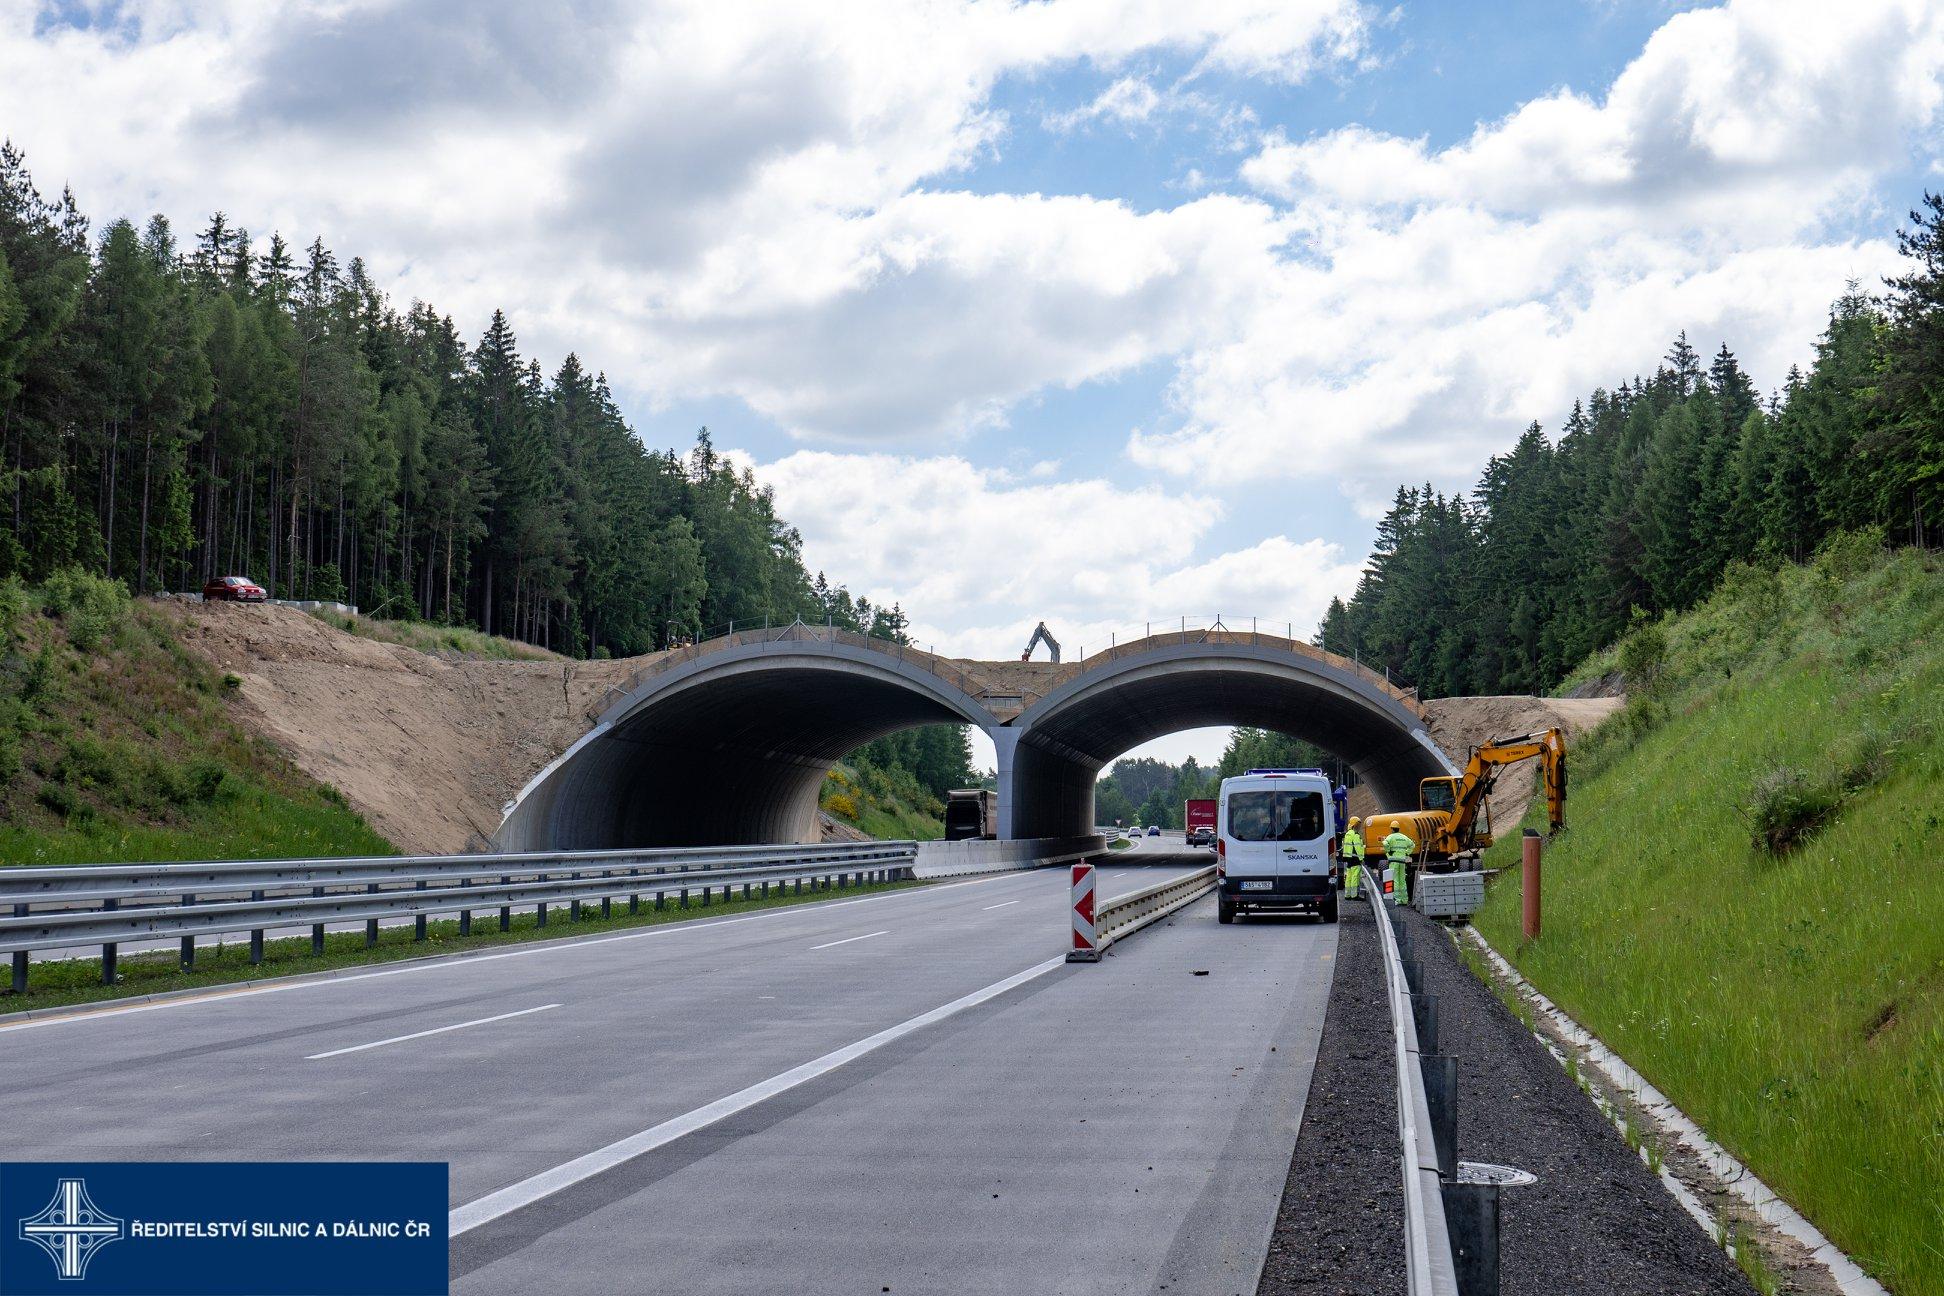 Na D1 mezi Prahou a Brnem budou letos postavené čtyři zelené mosty pro zvěř